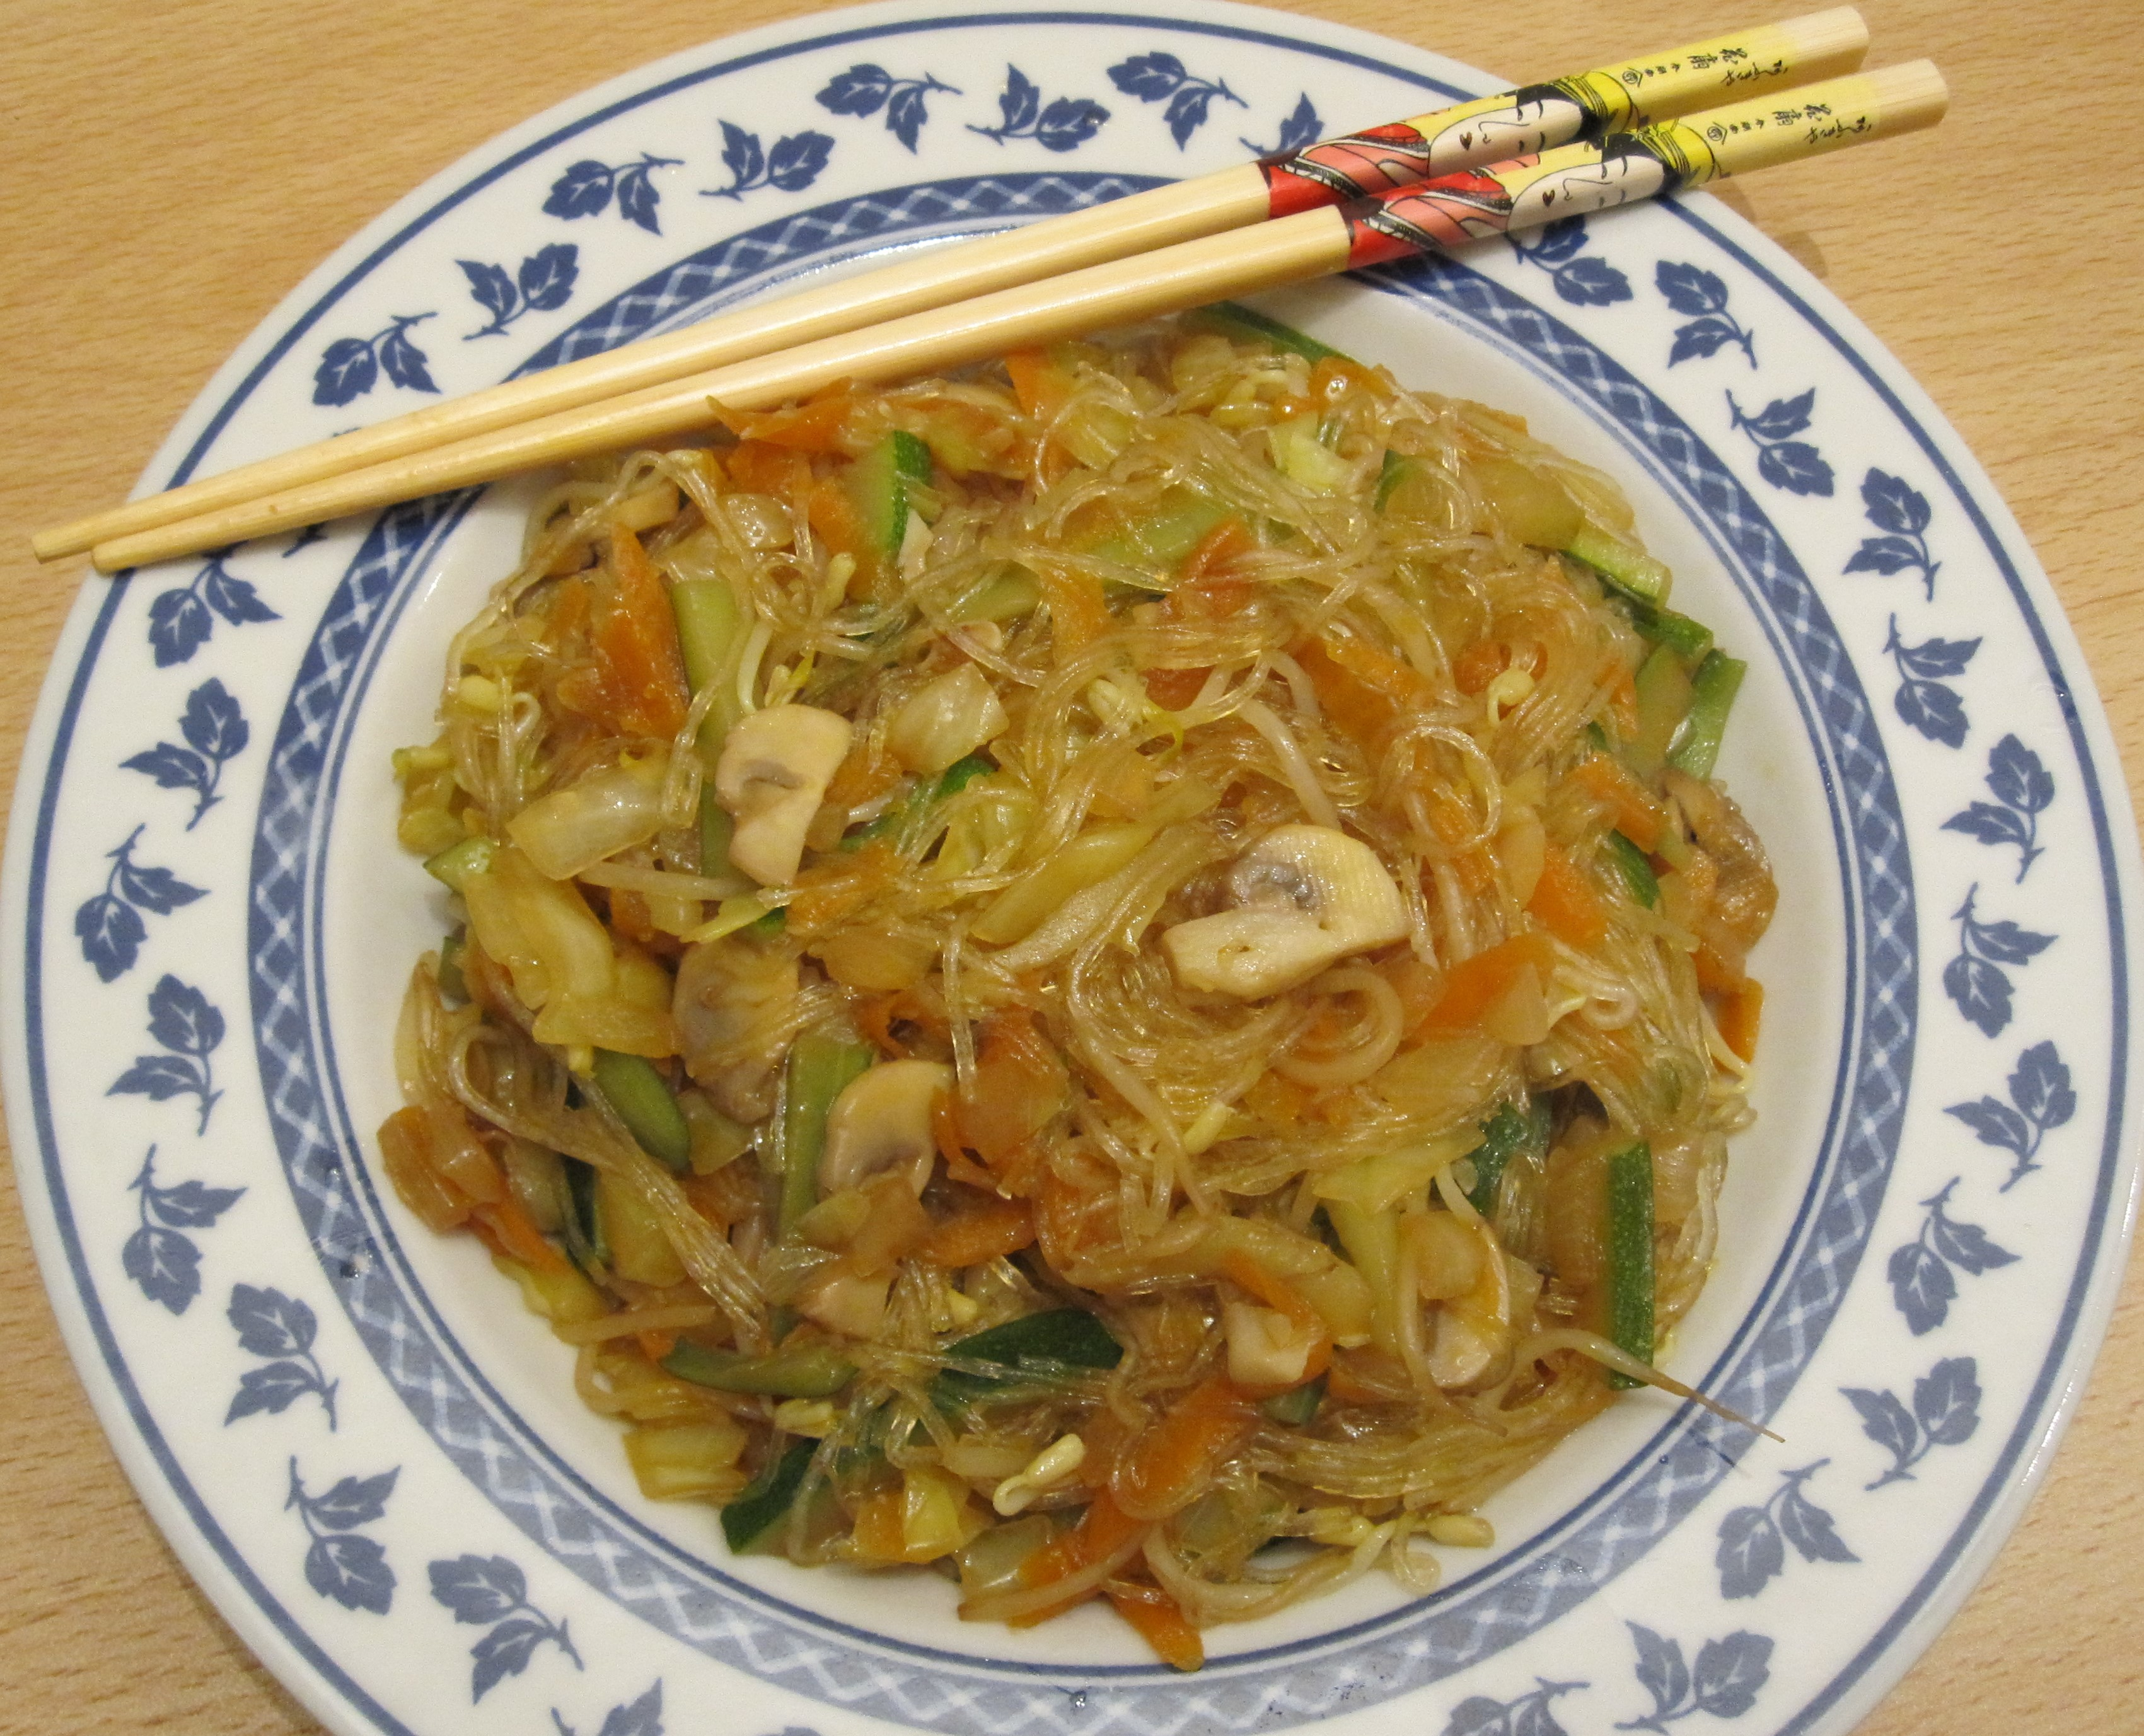 Ricetta Noodles Di Soia.Spaghetti Di Soia In Stile Orientale Con Verdure E Germogli